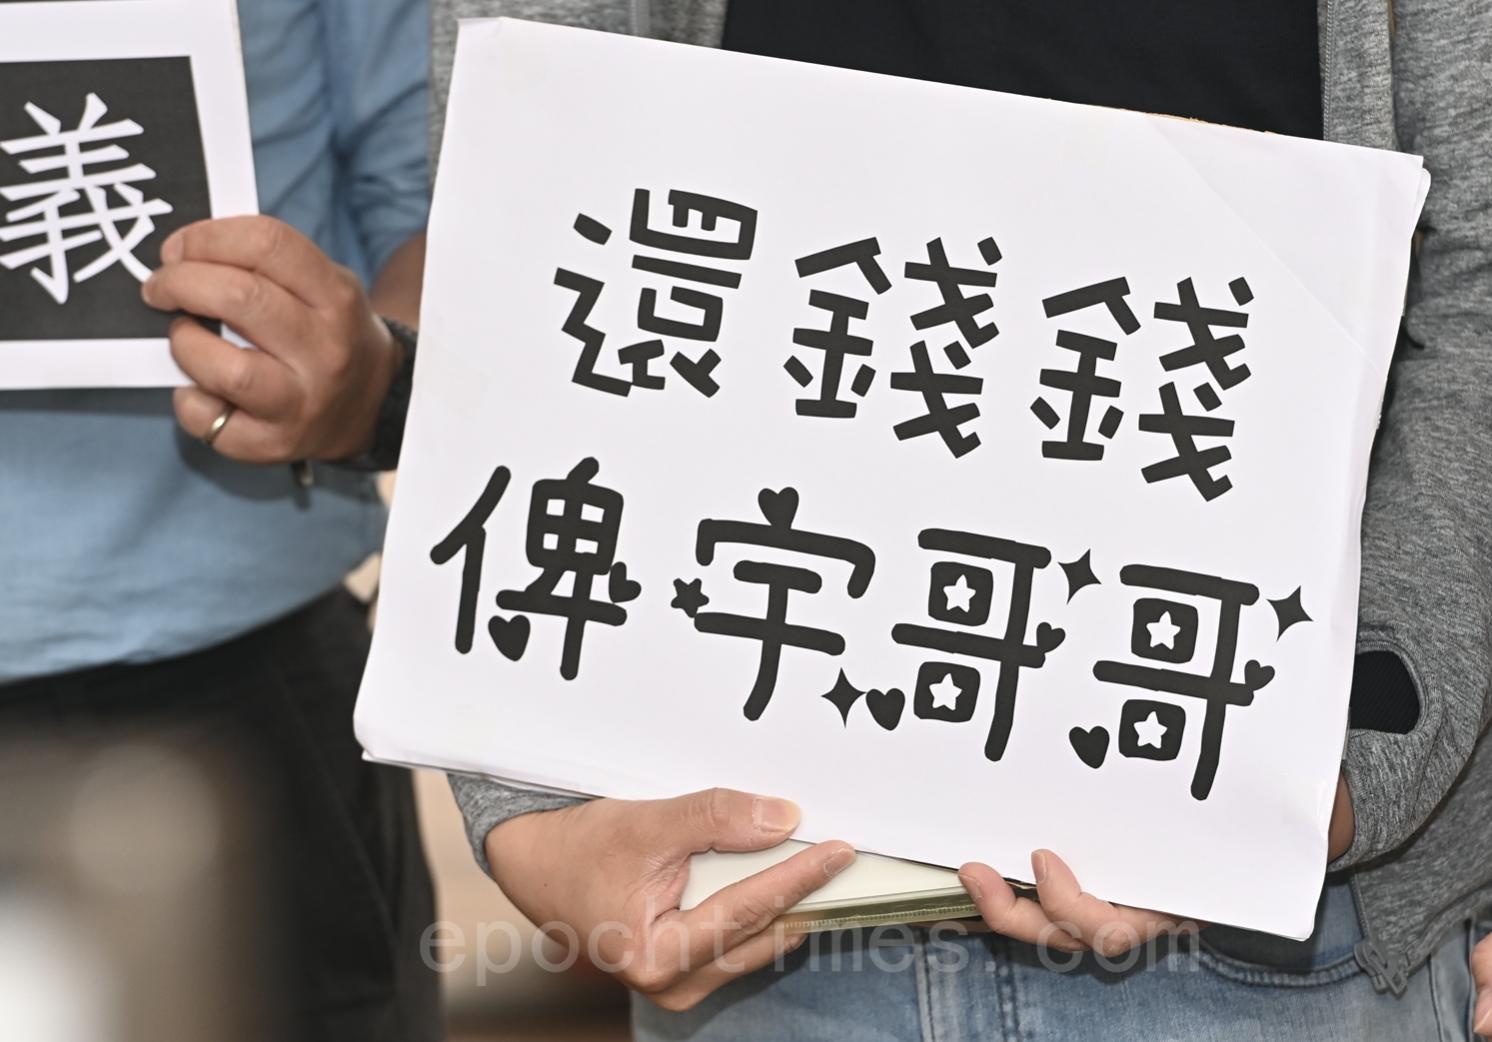 屯門區議員盧俊宇與多名泛民區議員到西九龍裁判法院聲援,抗議民政署打壓。(宋碧龍/大紀元)